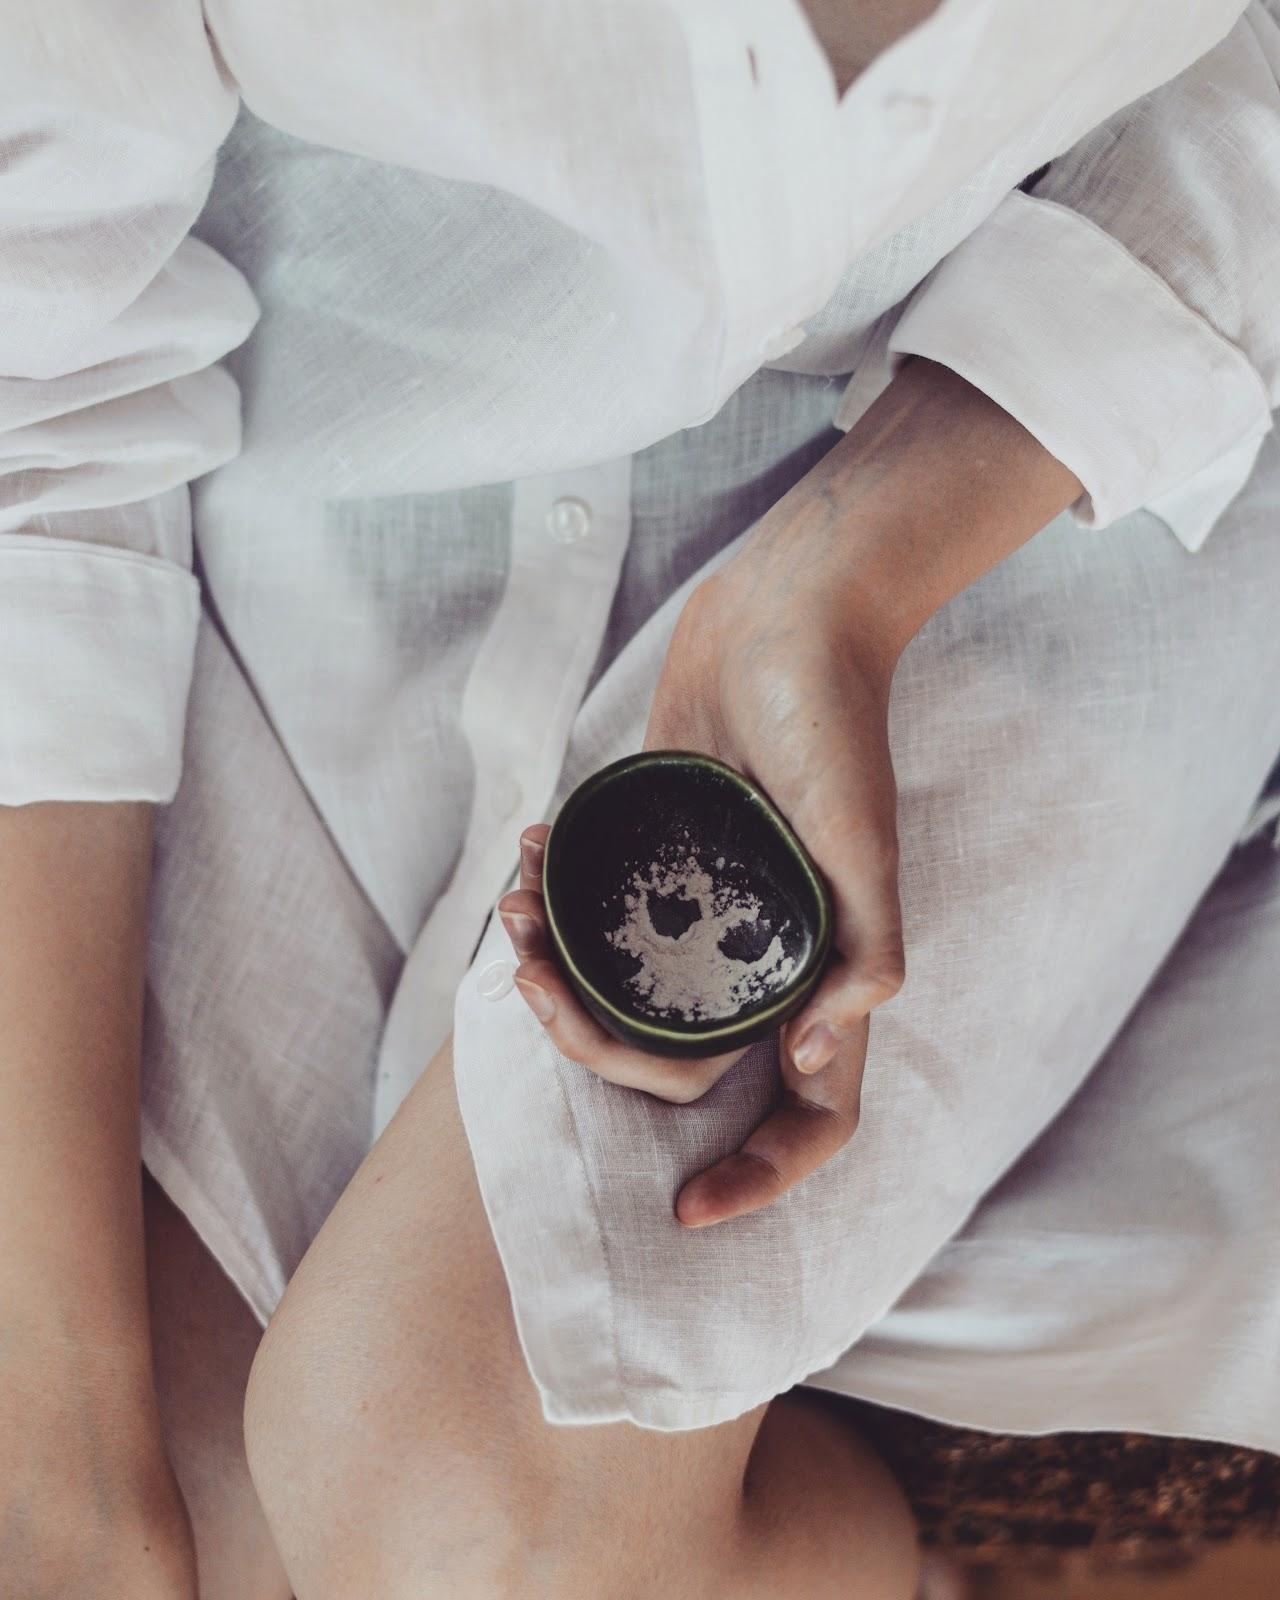 masaż krzemionką jak usunąć głębokie zaskórniki jak pozbyć się rozszerzonych porów krzemionka jako puder